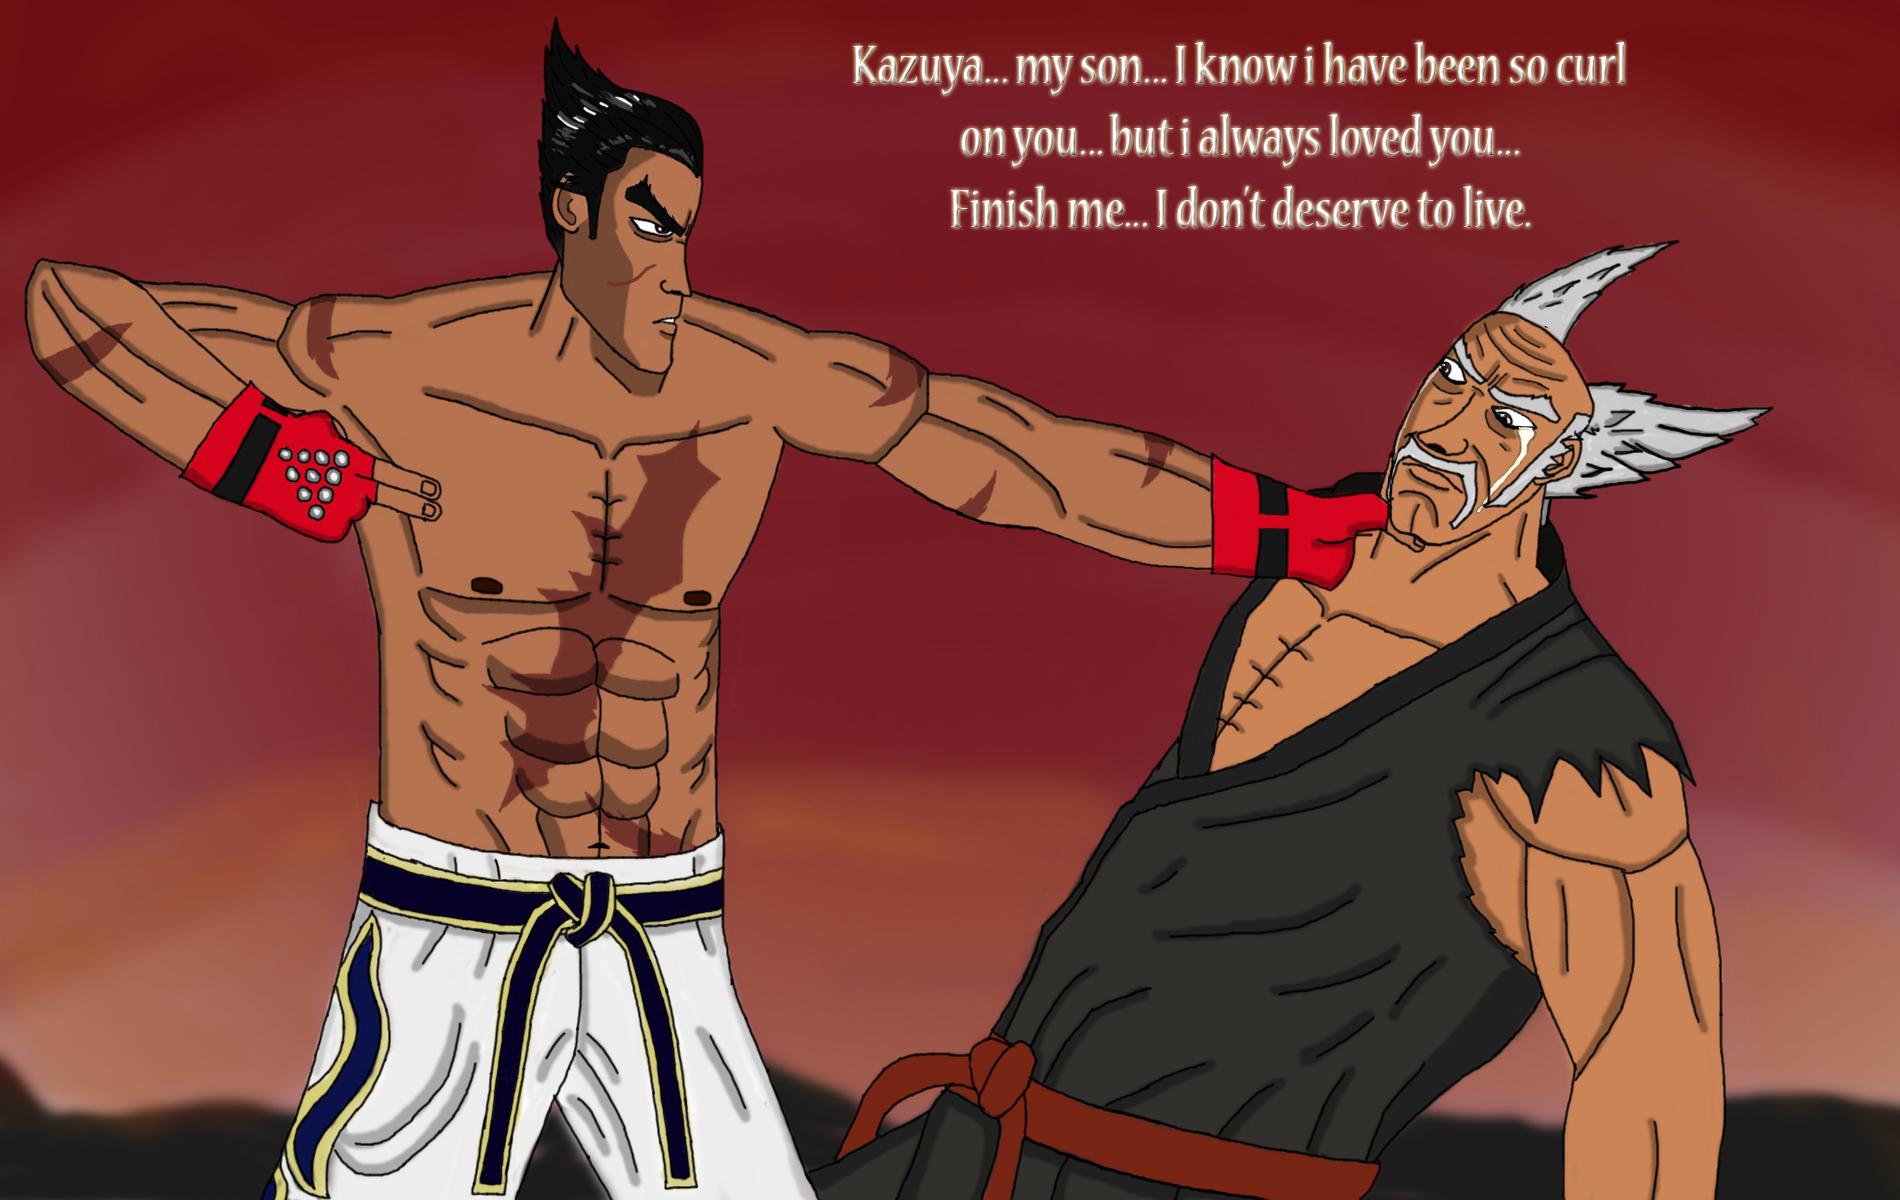 Kazuya Vs Heihachi Final Battle By Dragonwarrior Ht On Deviantart